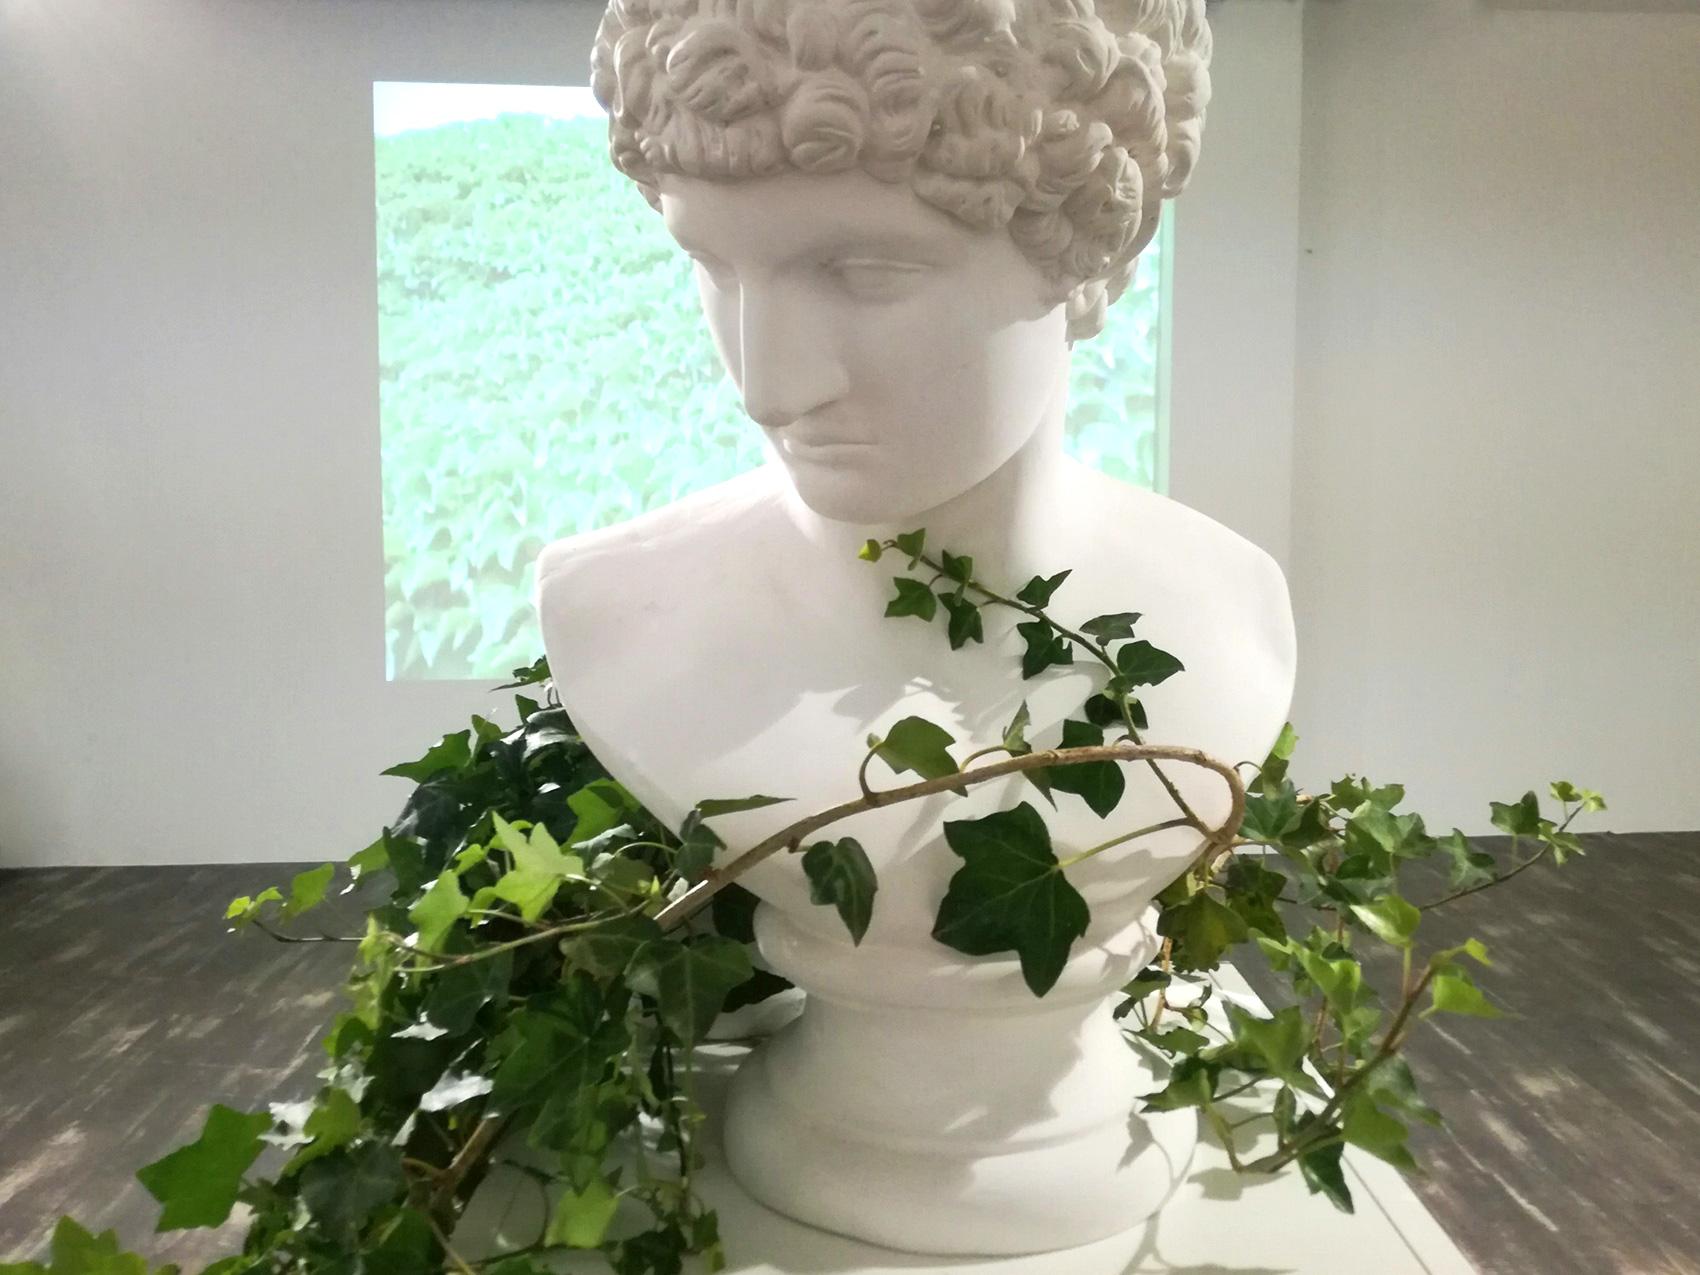 Guillermina De Gennaro, Inglobe, plaster sculpture, ivy, 2017.